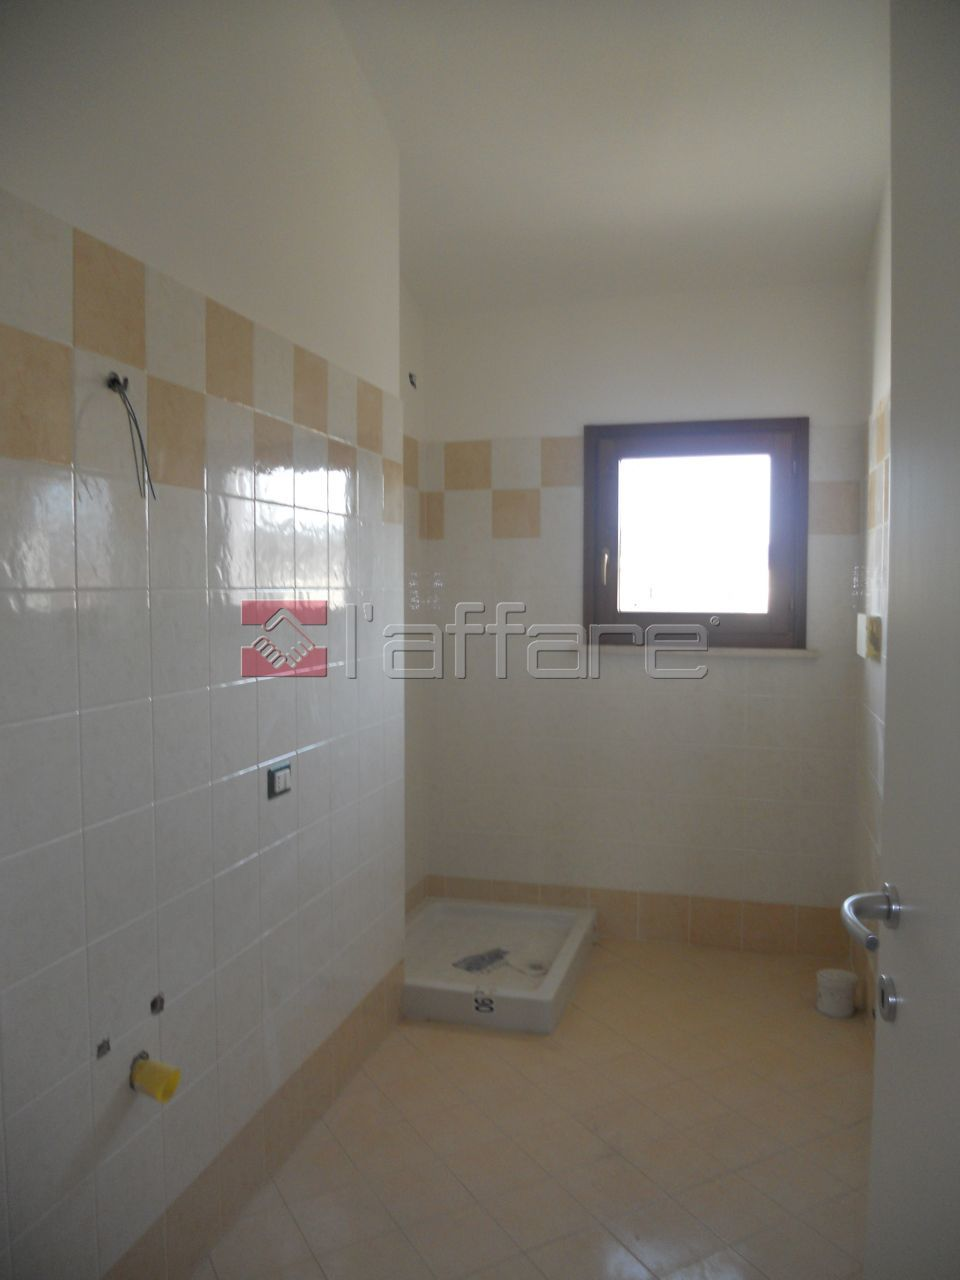 Appartamento in vendita Rif. 4143927